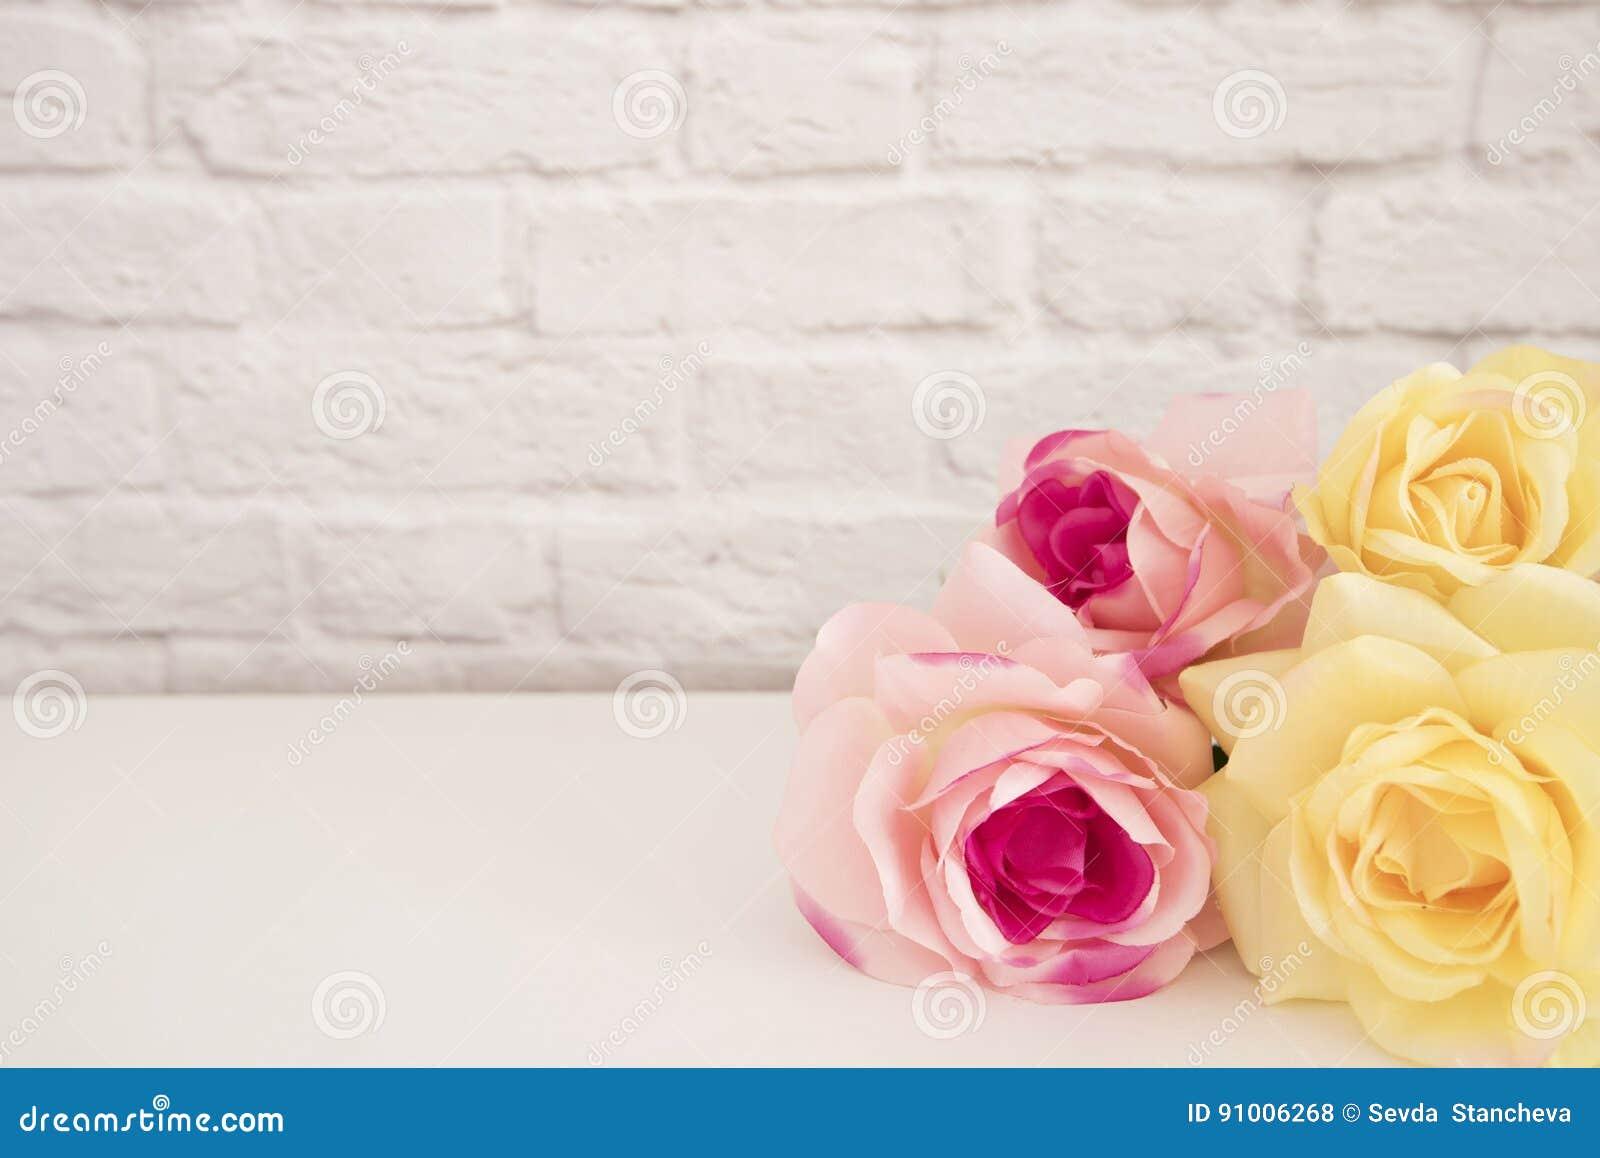 Roze Rose Mock Up Gestileerde Voorraadfotografie Bloemenkader, Gestileerde Muurspot omhoog Rose Flower Mockup, Valentine Mothers